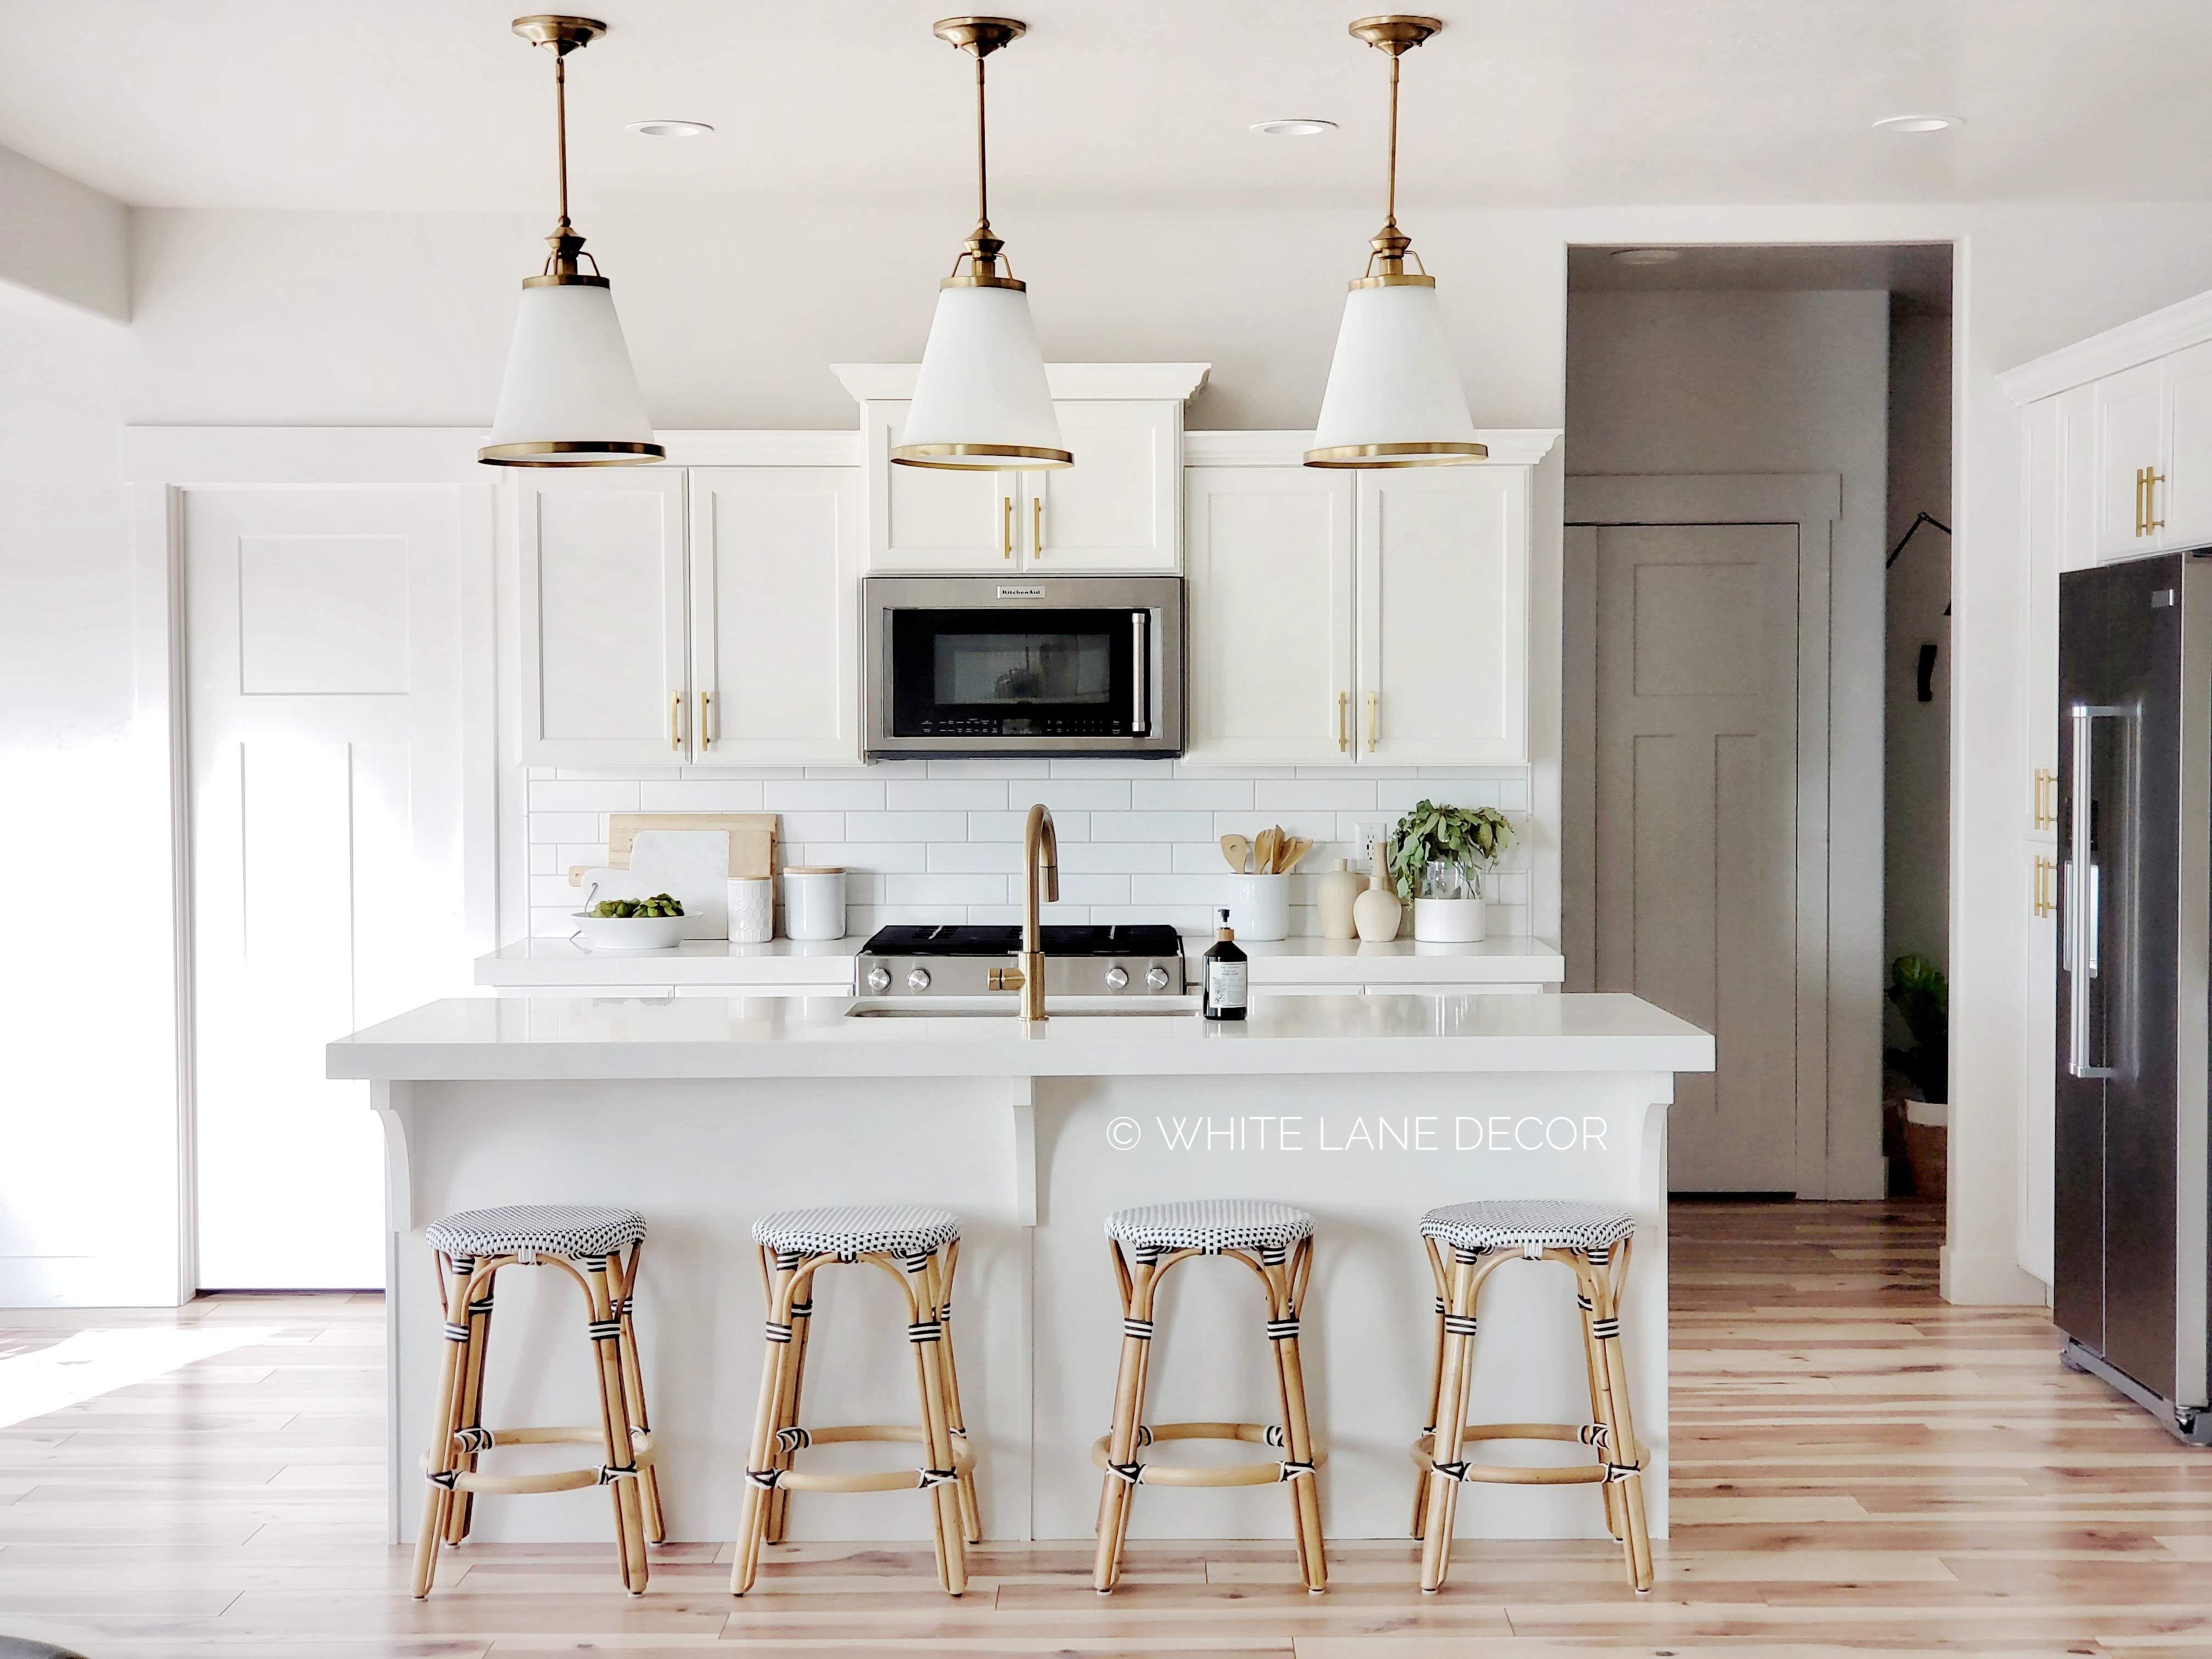 Gold And White Kitchen White Lane Decor White Wood Kitchens Modern Kitchen Design Gold Kitchen Faucet